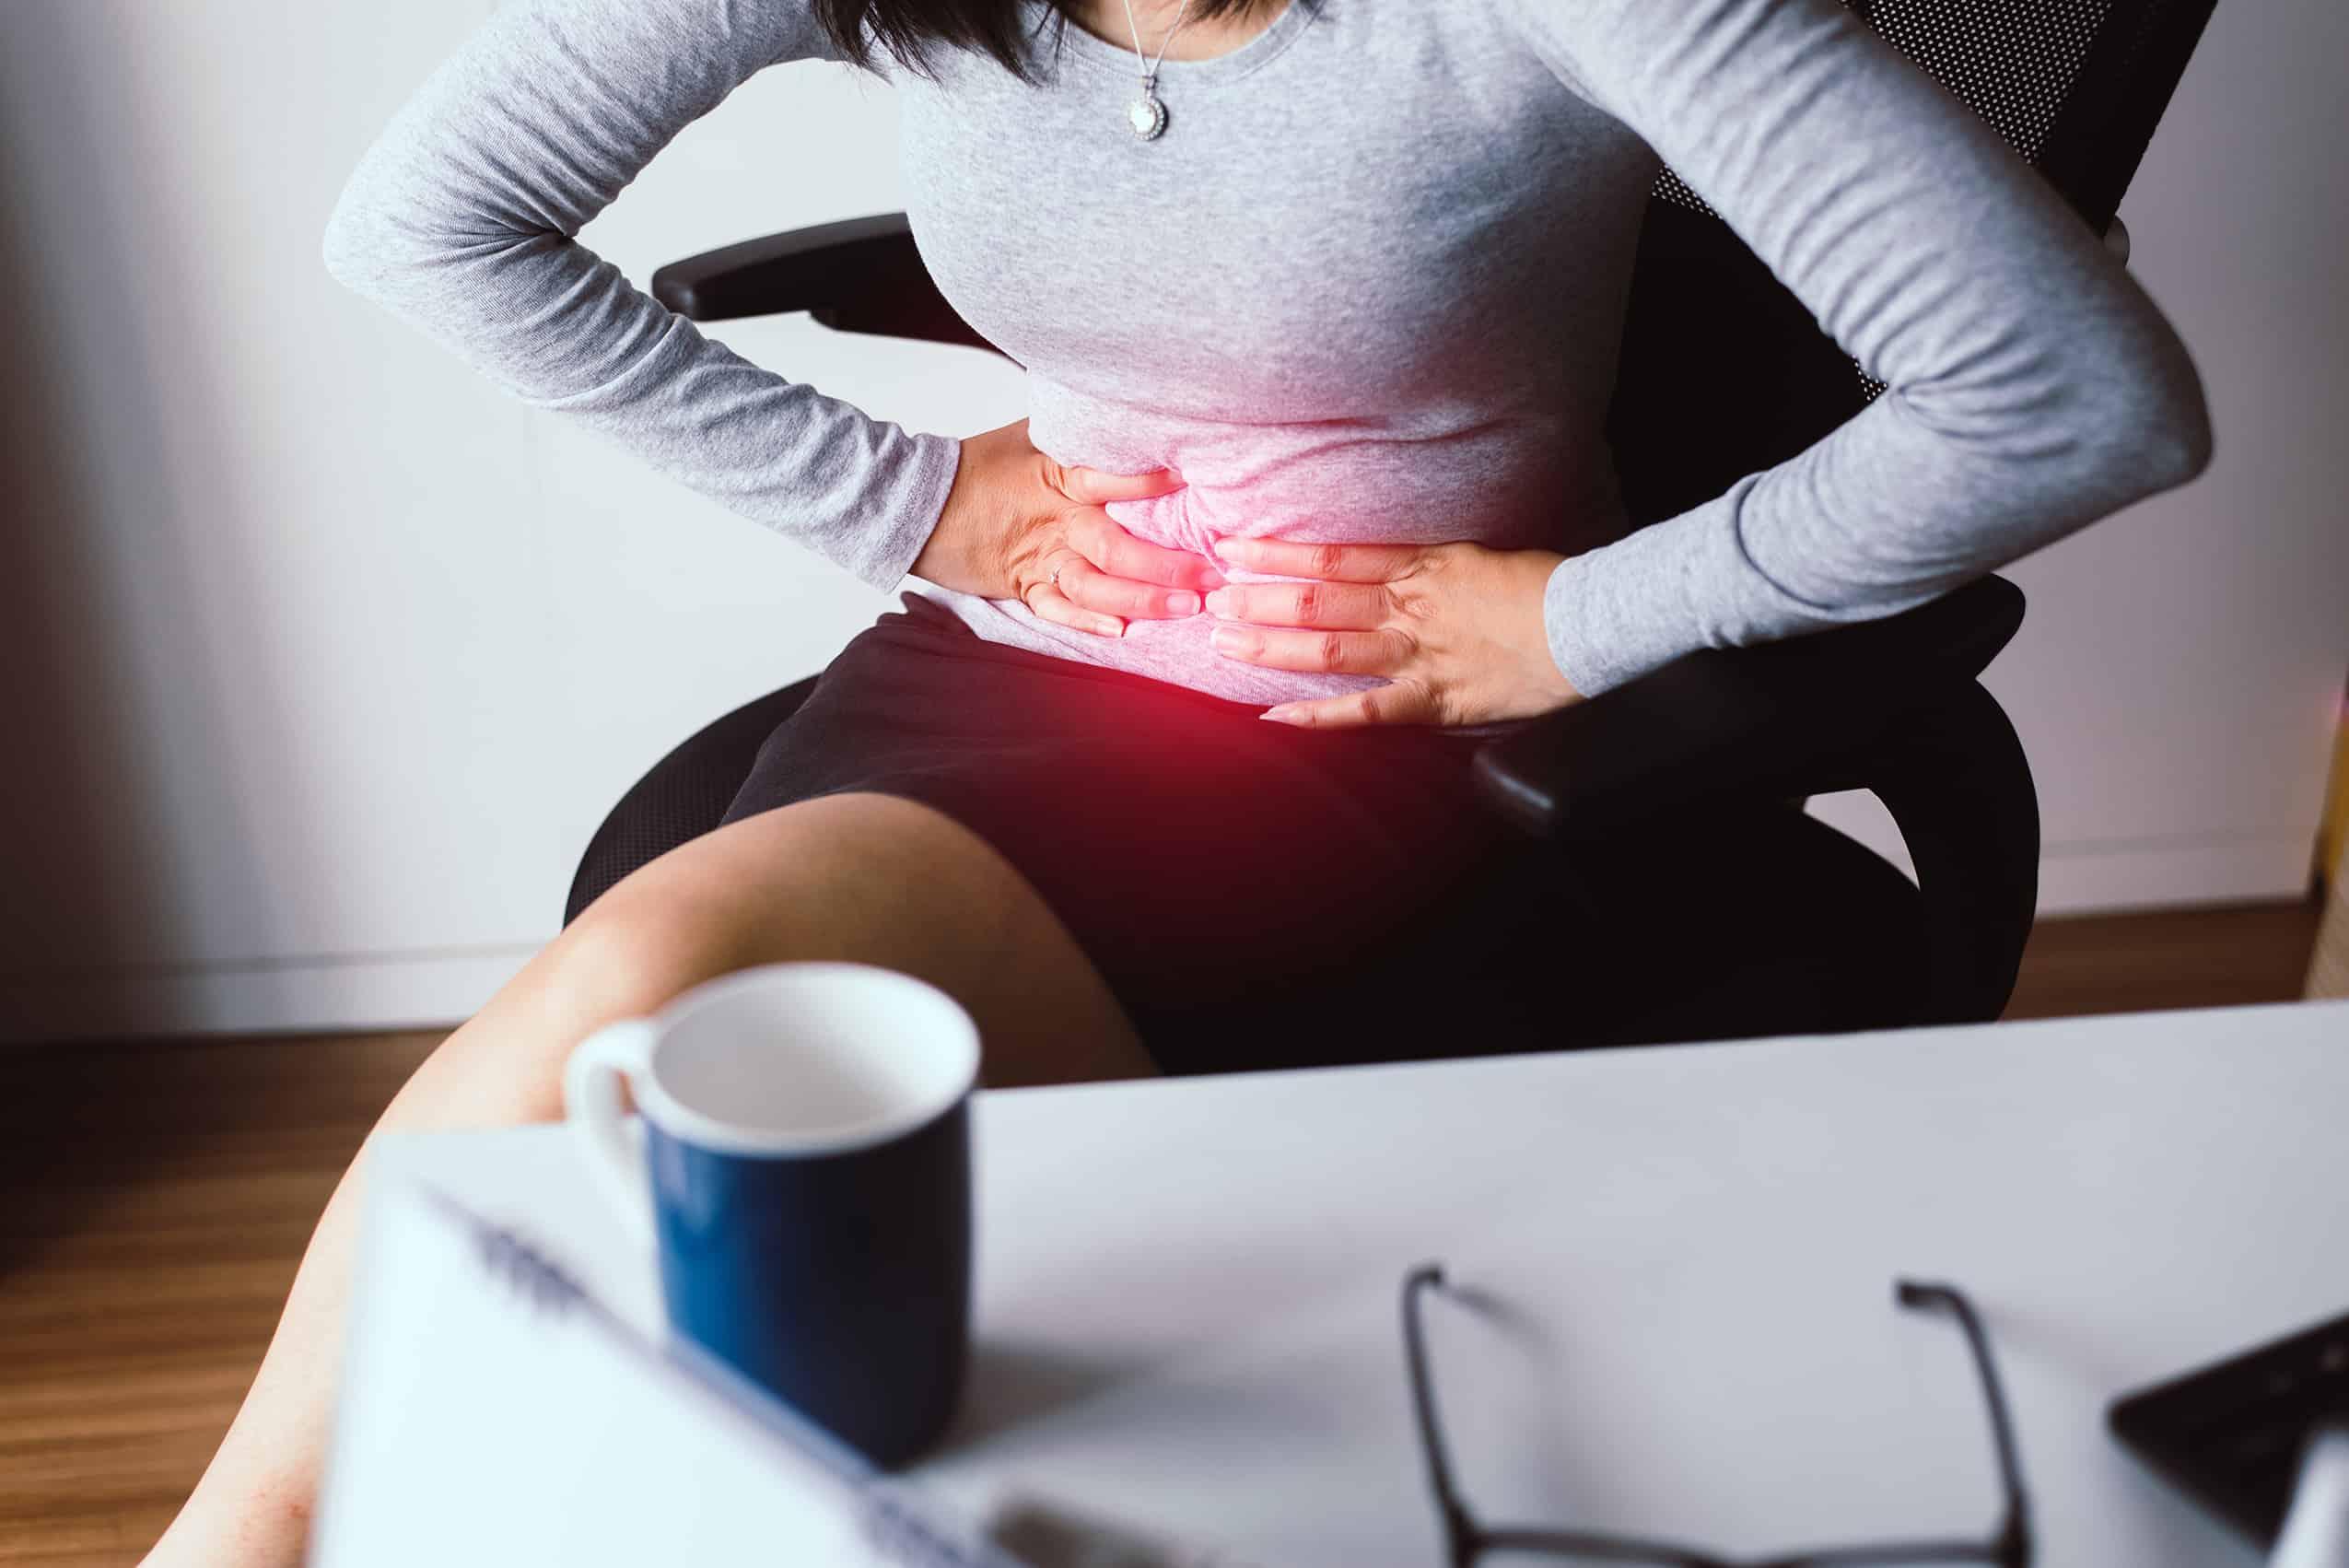 原來胃痛、生膽石、膽囊炎、肝炎,甚至是心臟病都可以引致上腹痛。